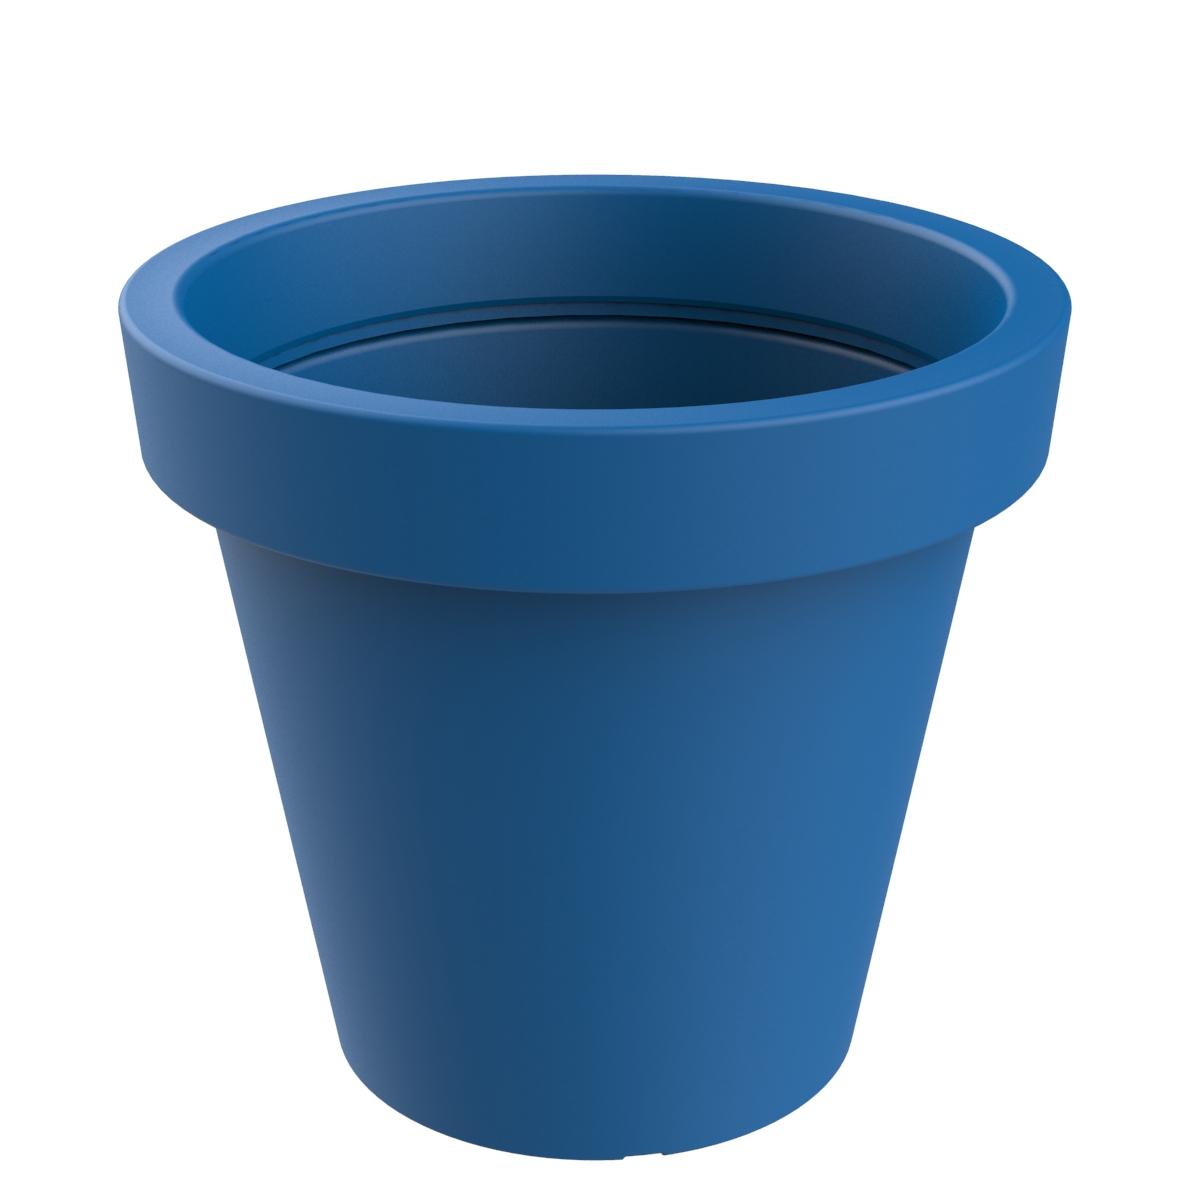 Plantenbak groot formaat - blauw